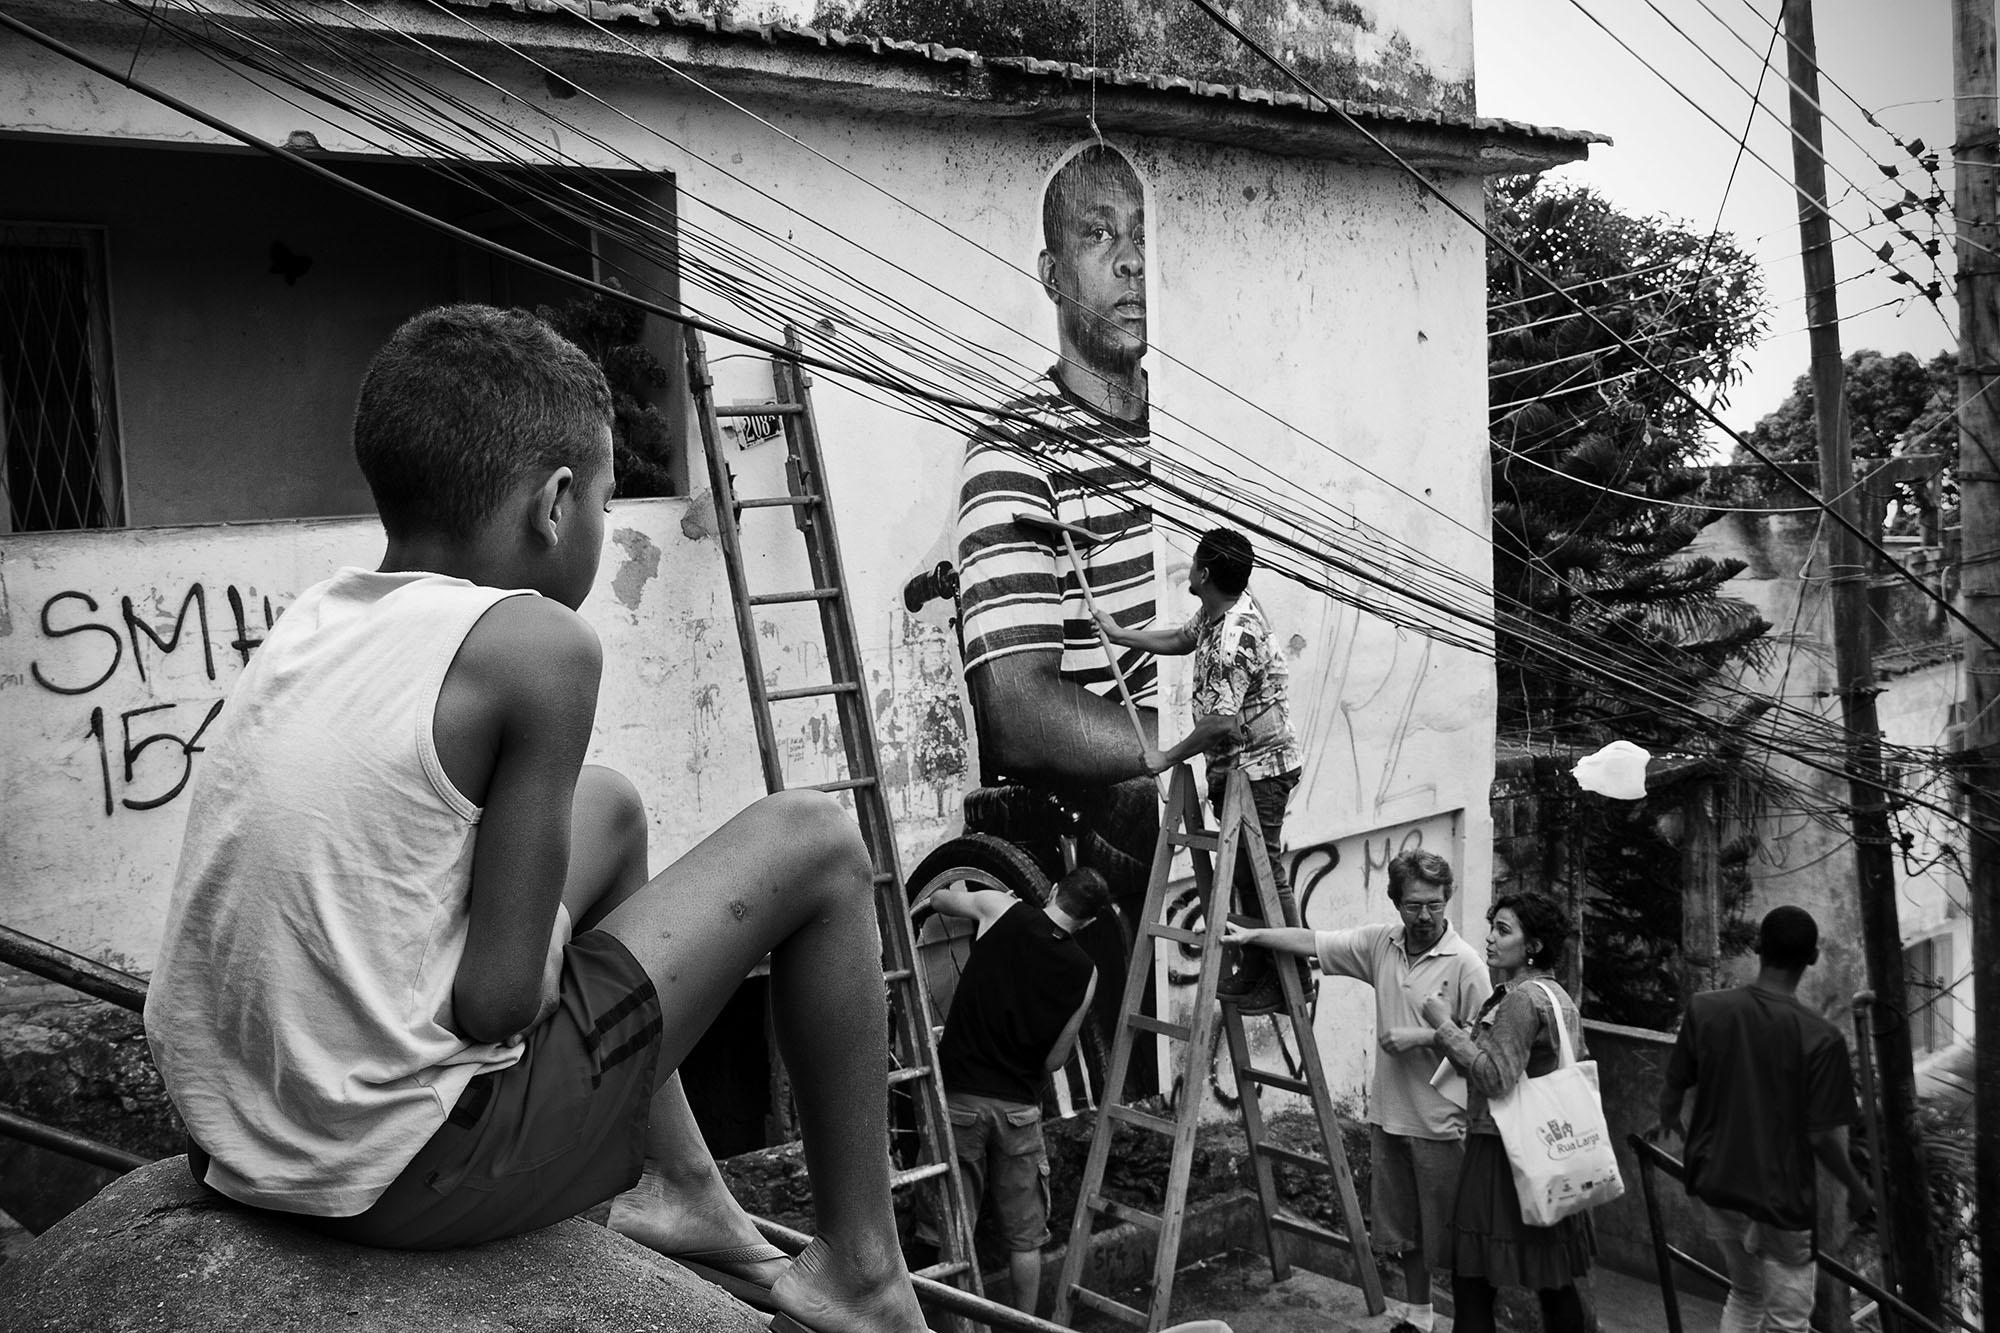 Ação global Inside Out Project, Providência, 2011 • Crédito: Luiz Baltar